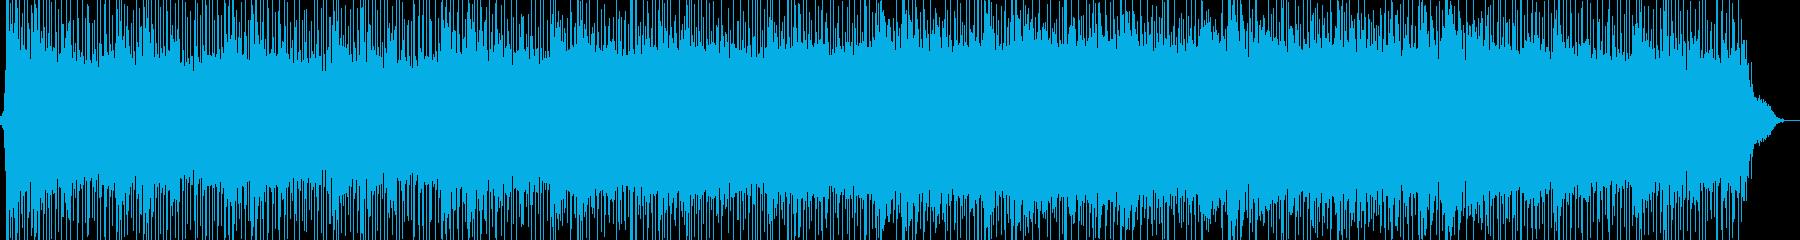 あらゆるプロジェクトの音楽の再生済みの波形